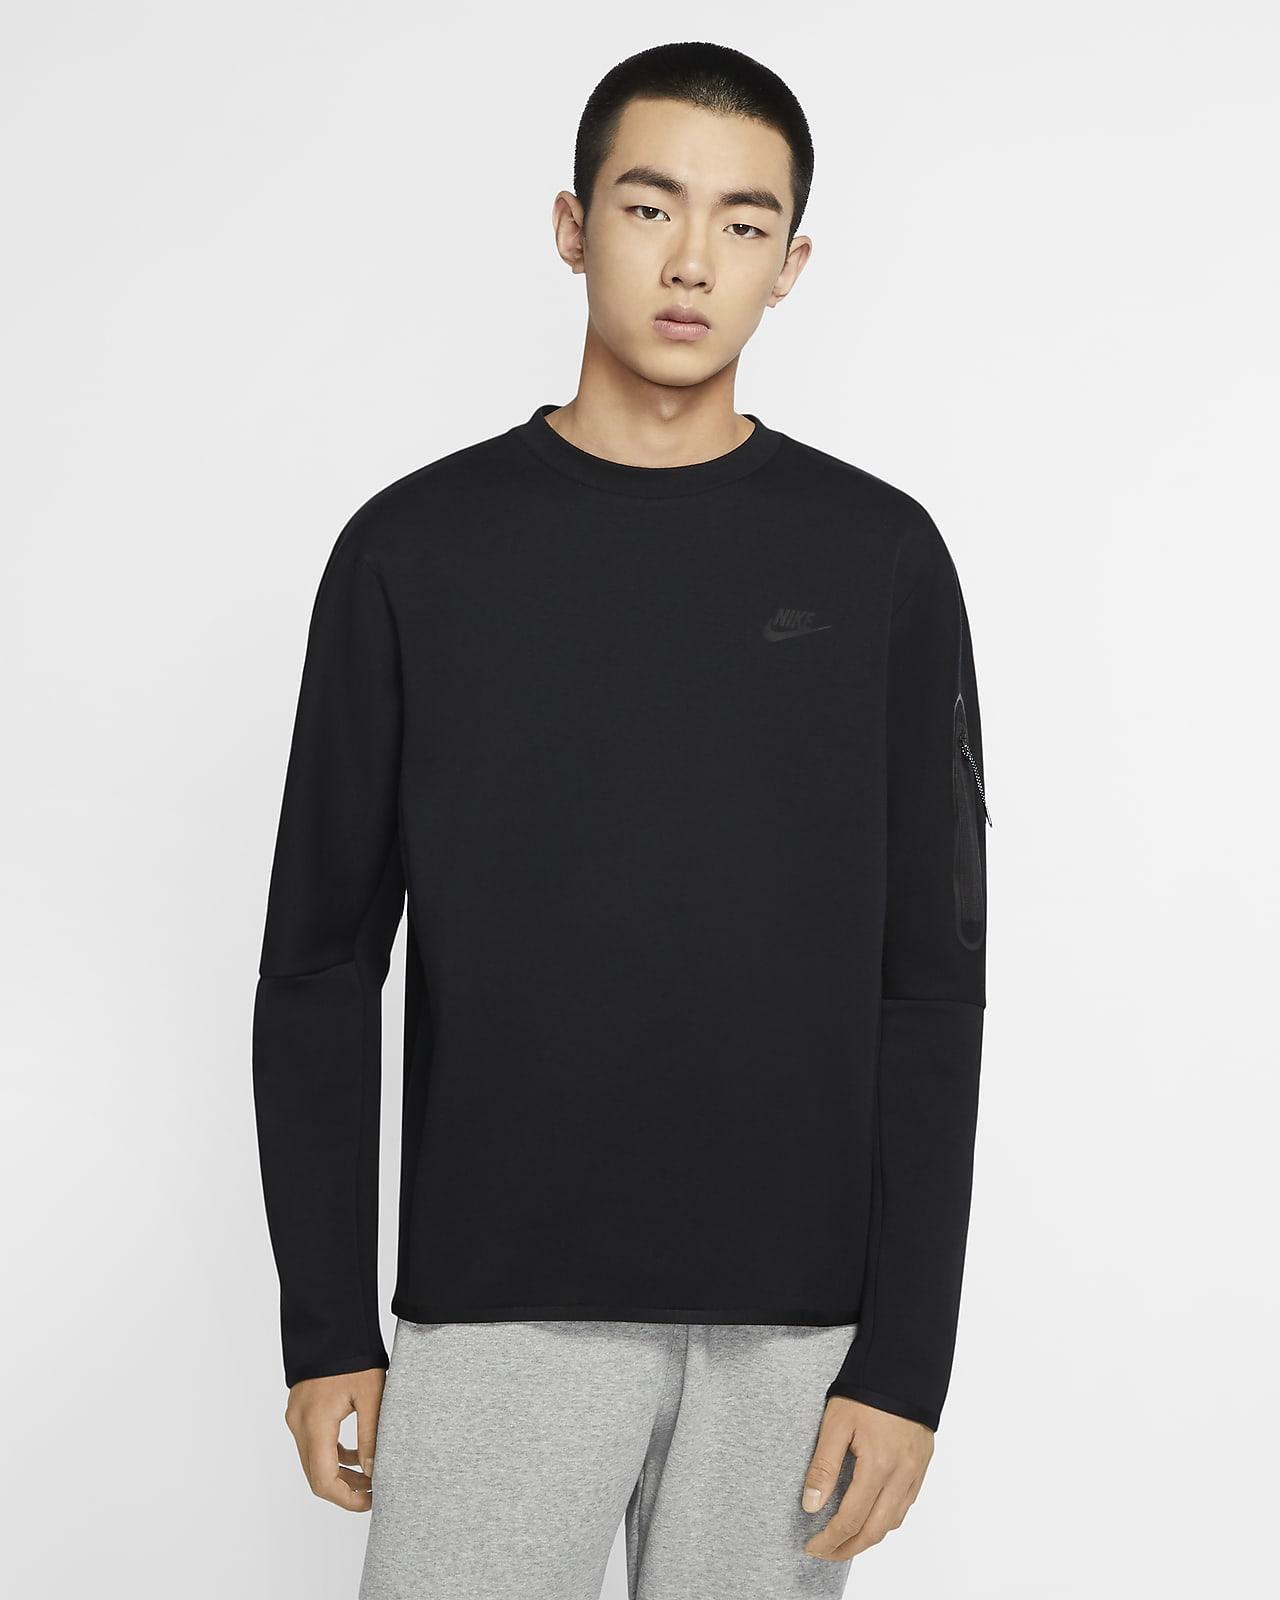 Nike Sportswear Tech Fleece Men's Crew